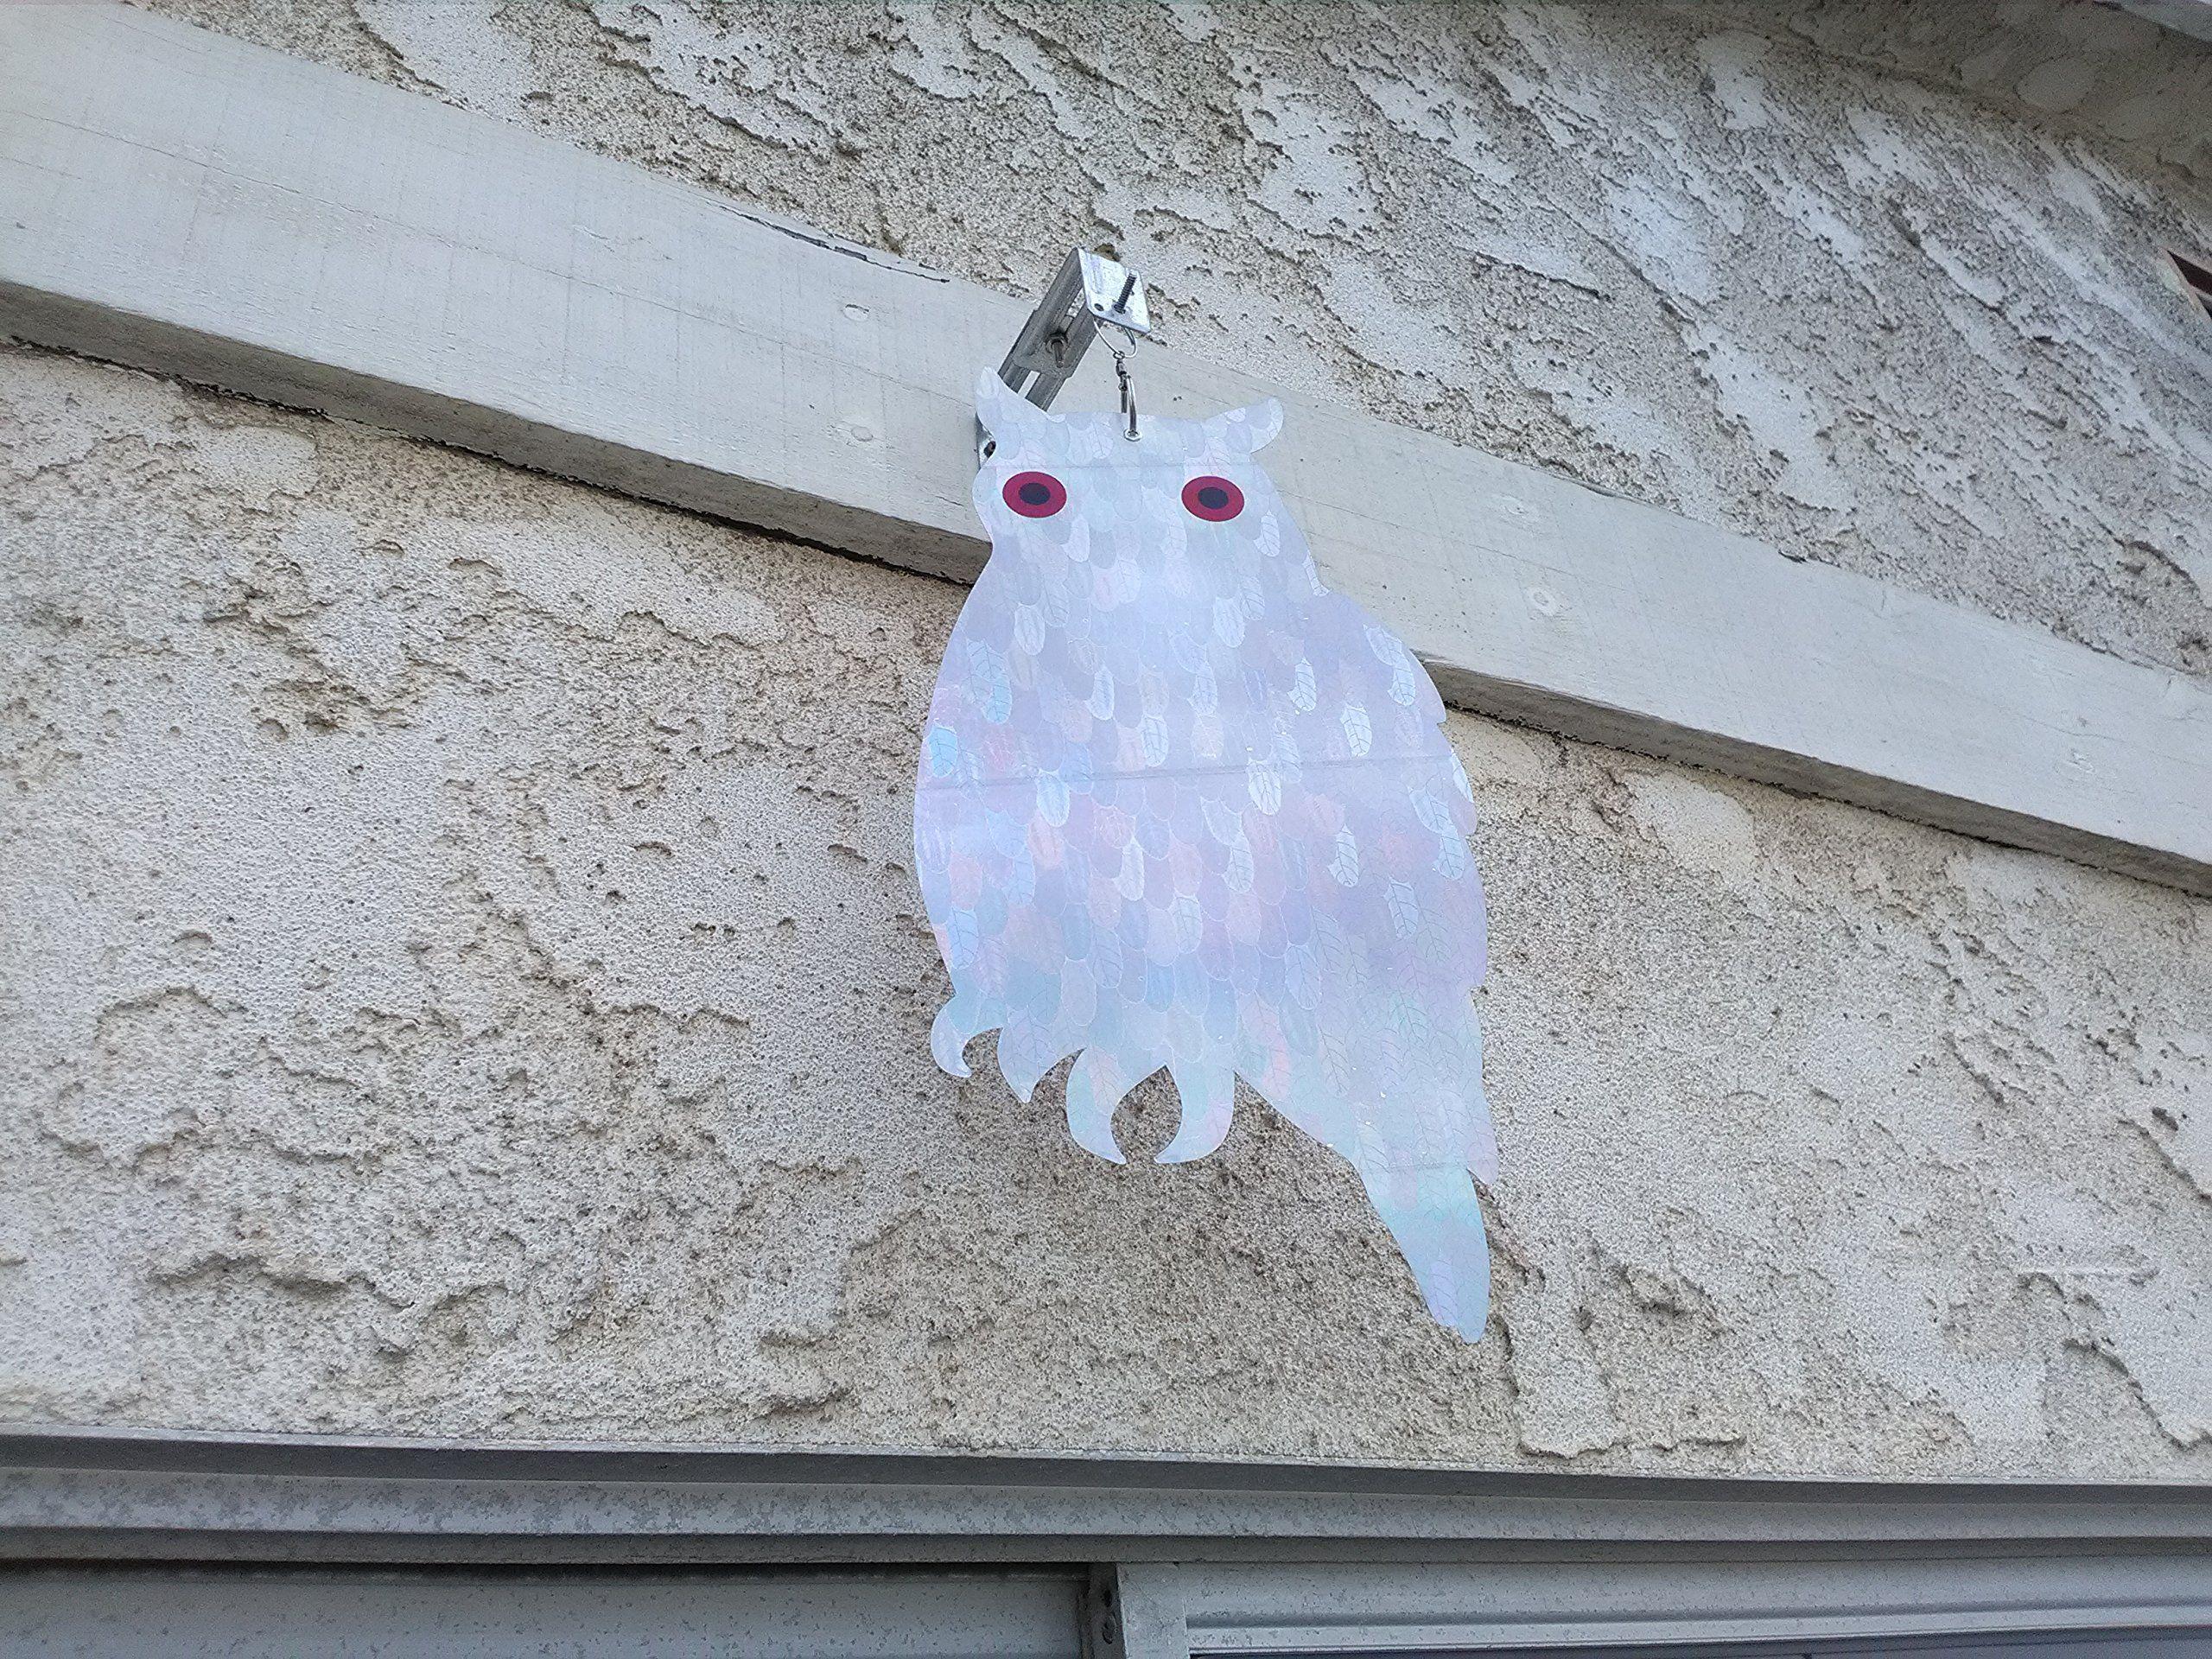 Birdbusters holographic owl bird deterrent scares birds